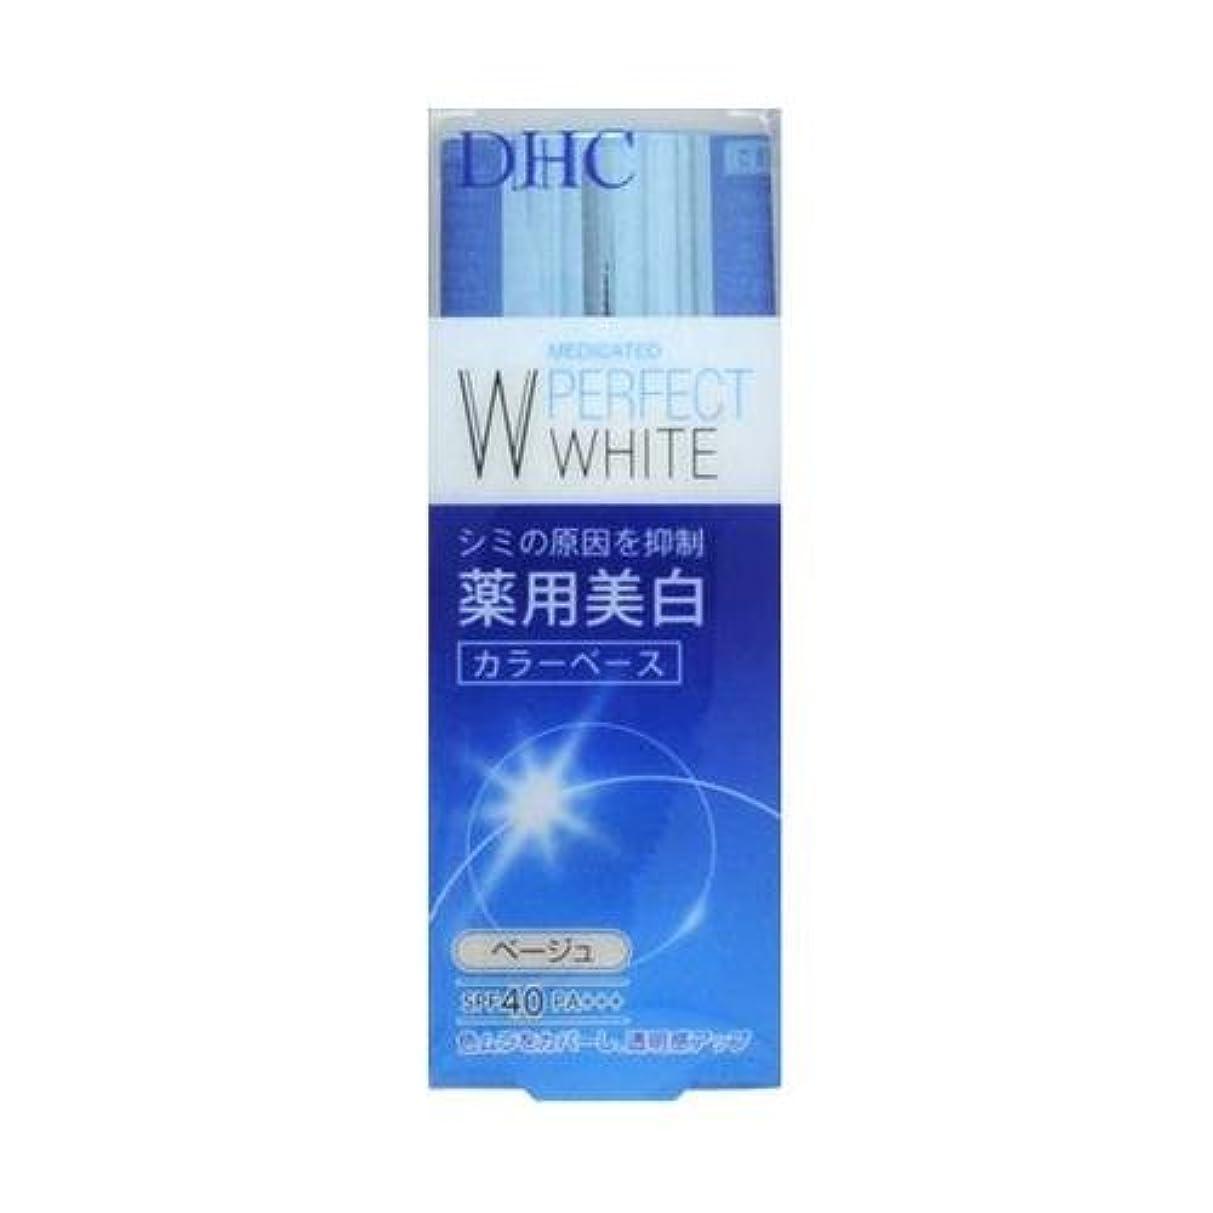 一次自己尊重二年生DHC 薬用パーフェクトホワイト カラーベース アプリコット 30g(医薬部外品)